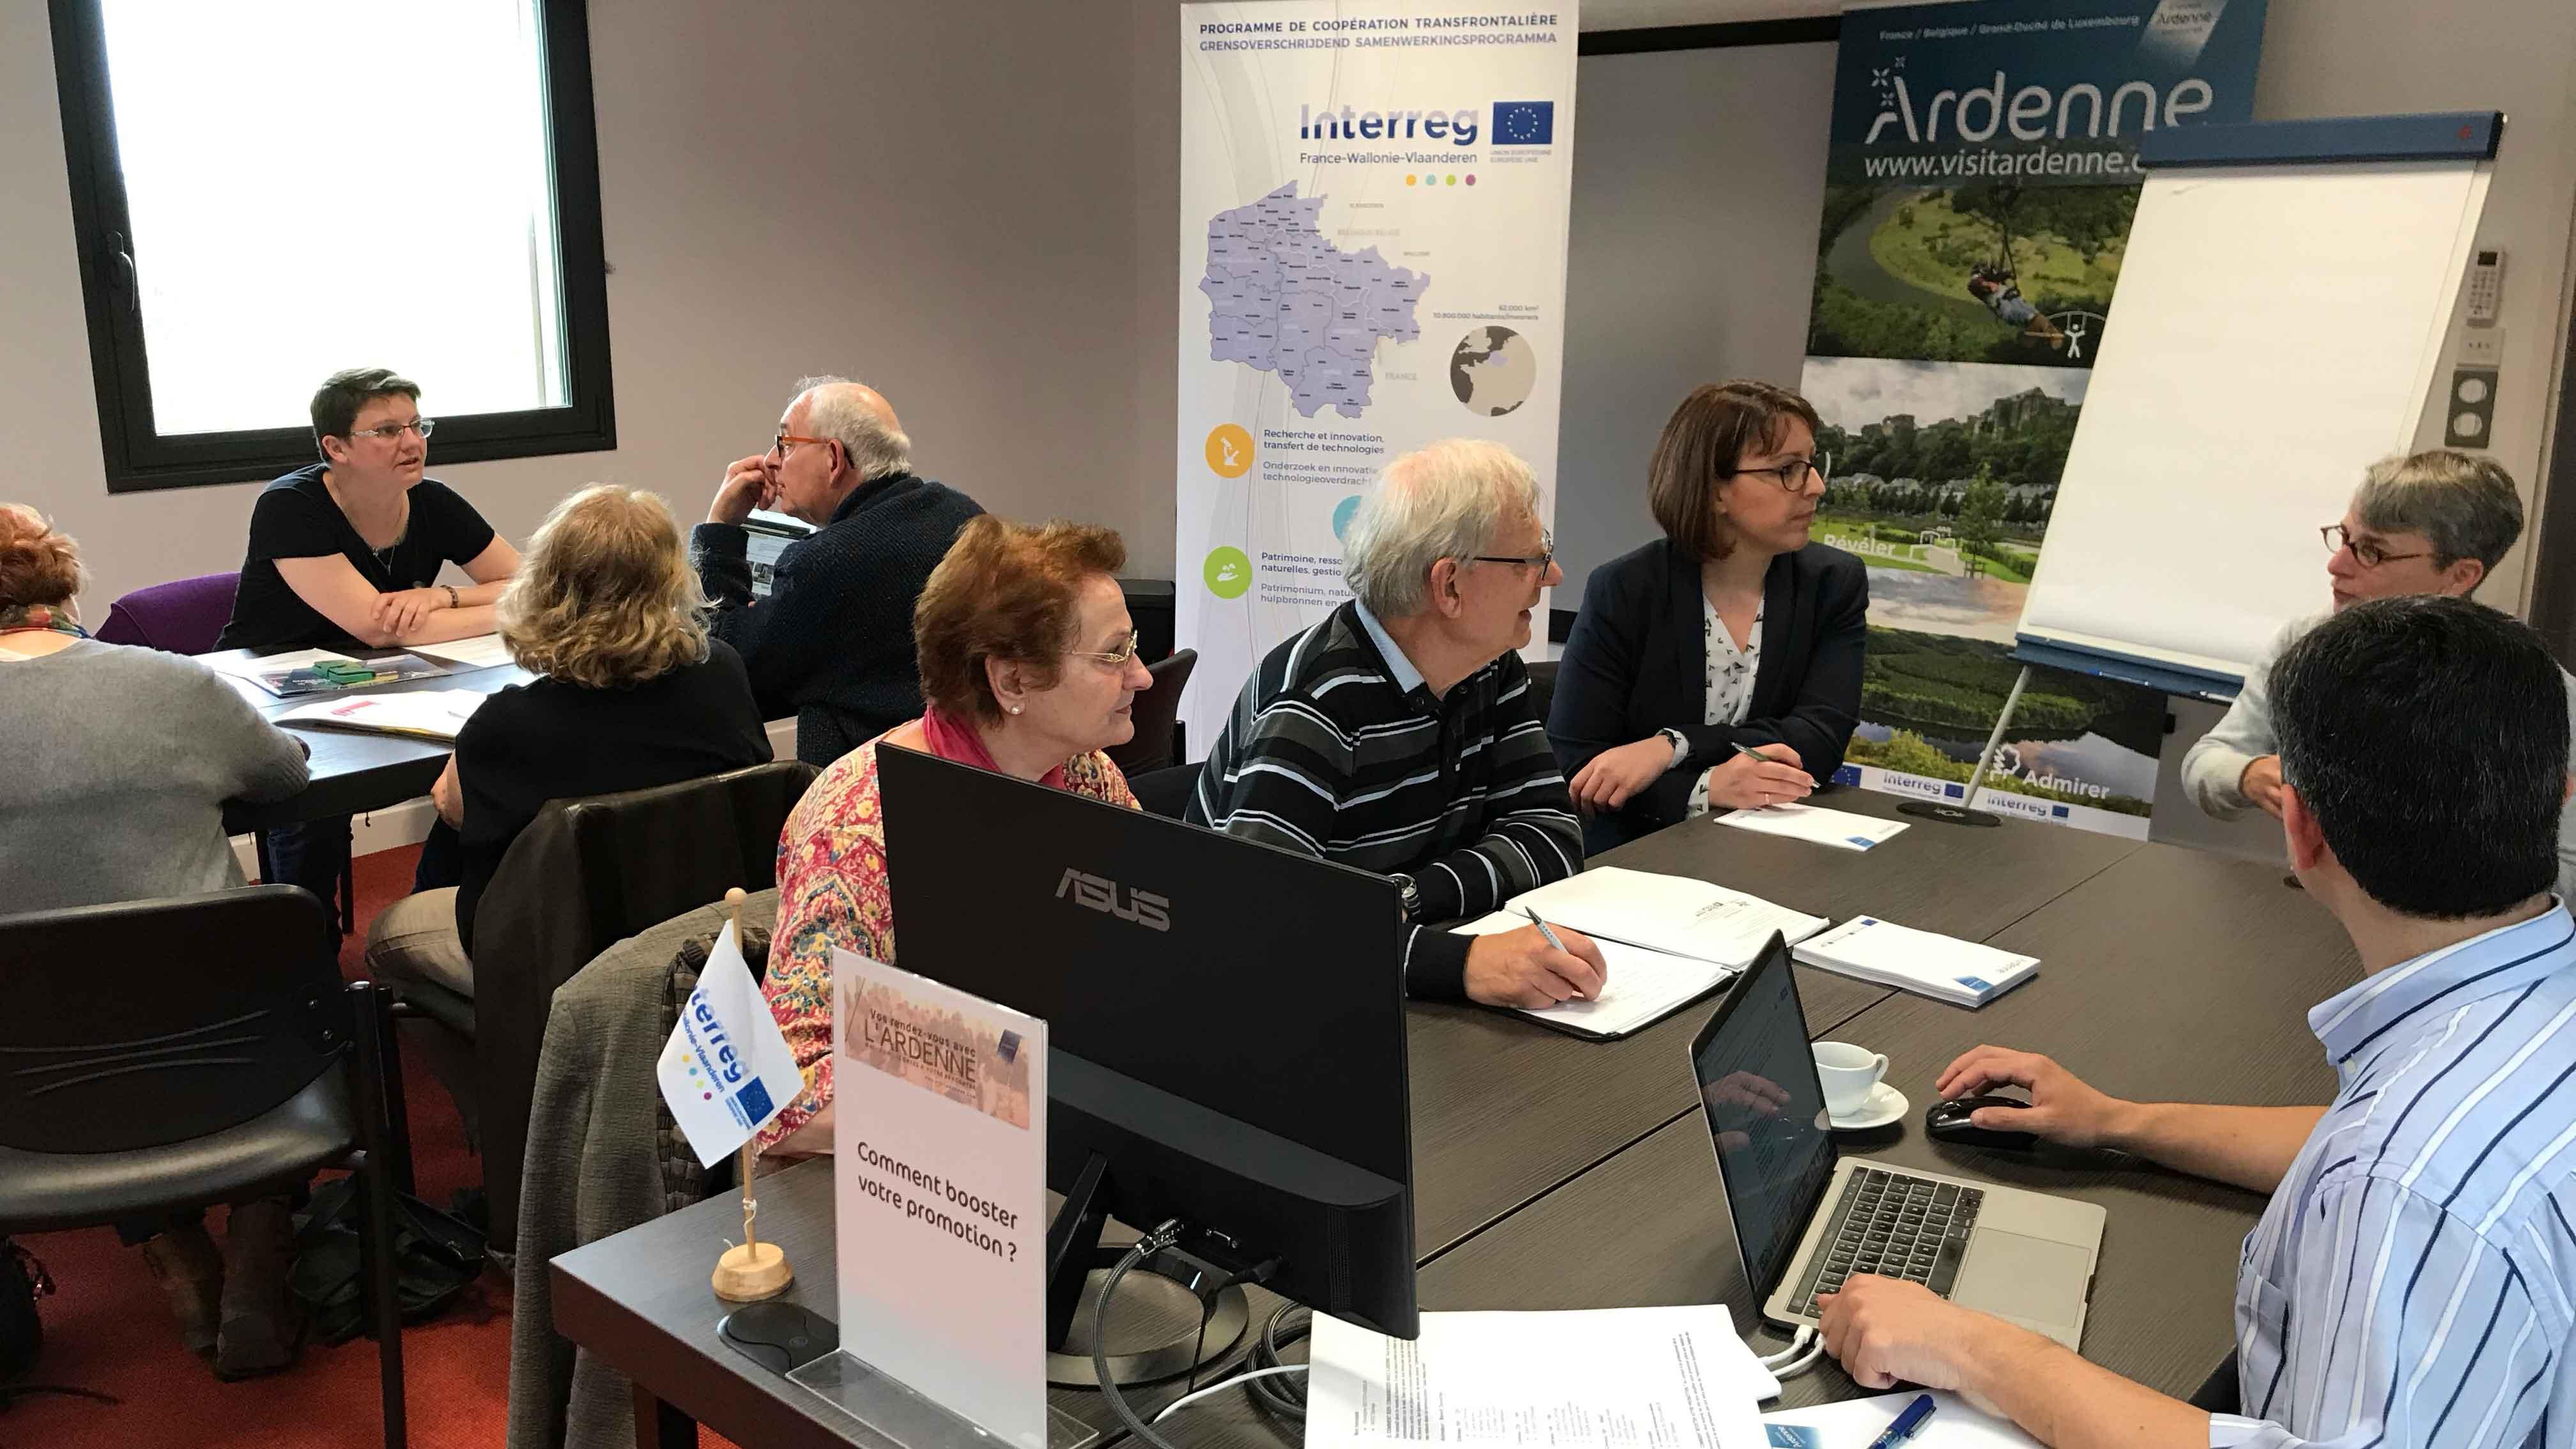 Rendez-vous de l'Ardenne 2019